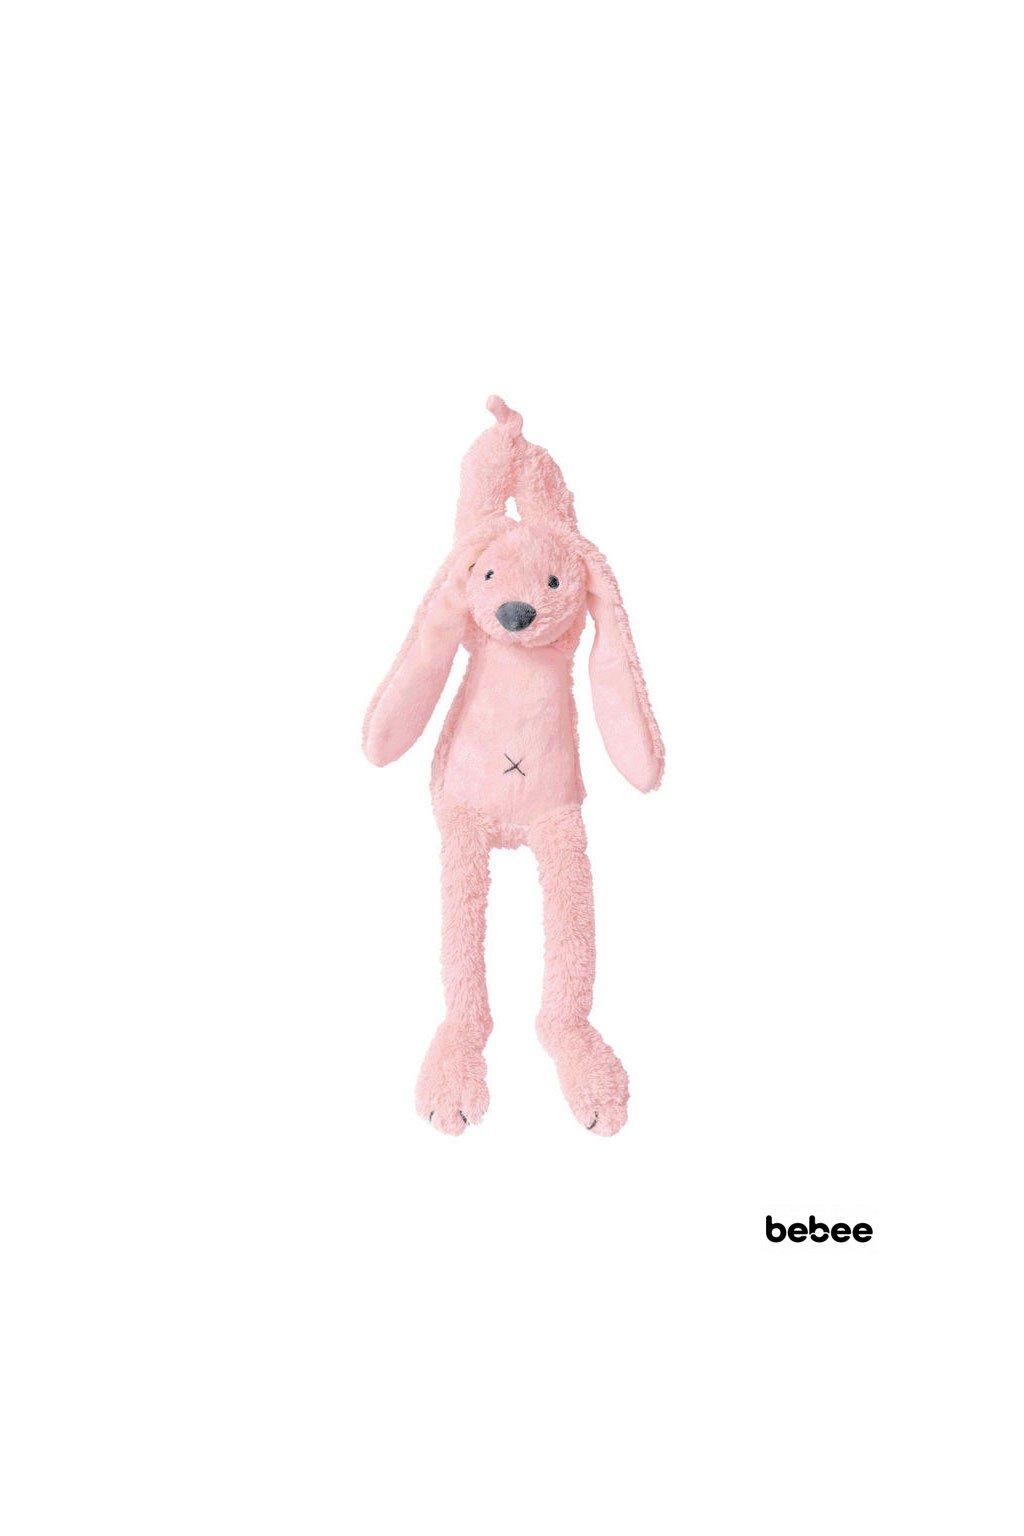 zajacik richie hudobny ruzovy 34 cm happy horse